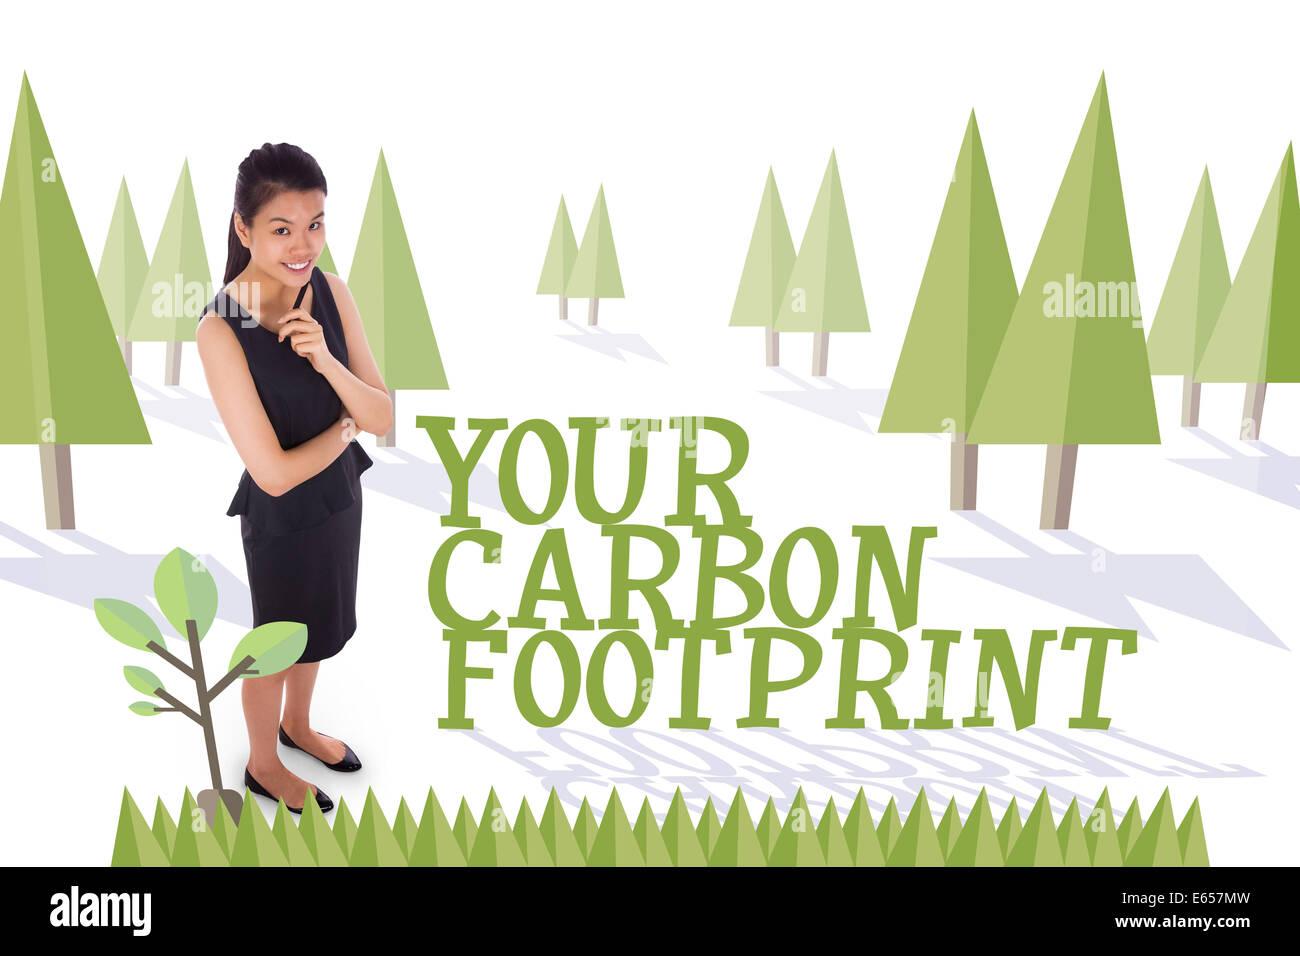 Su huella de carbono contra el bosque con árboles Imagen De Stock